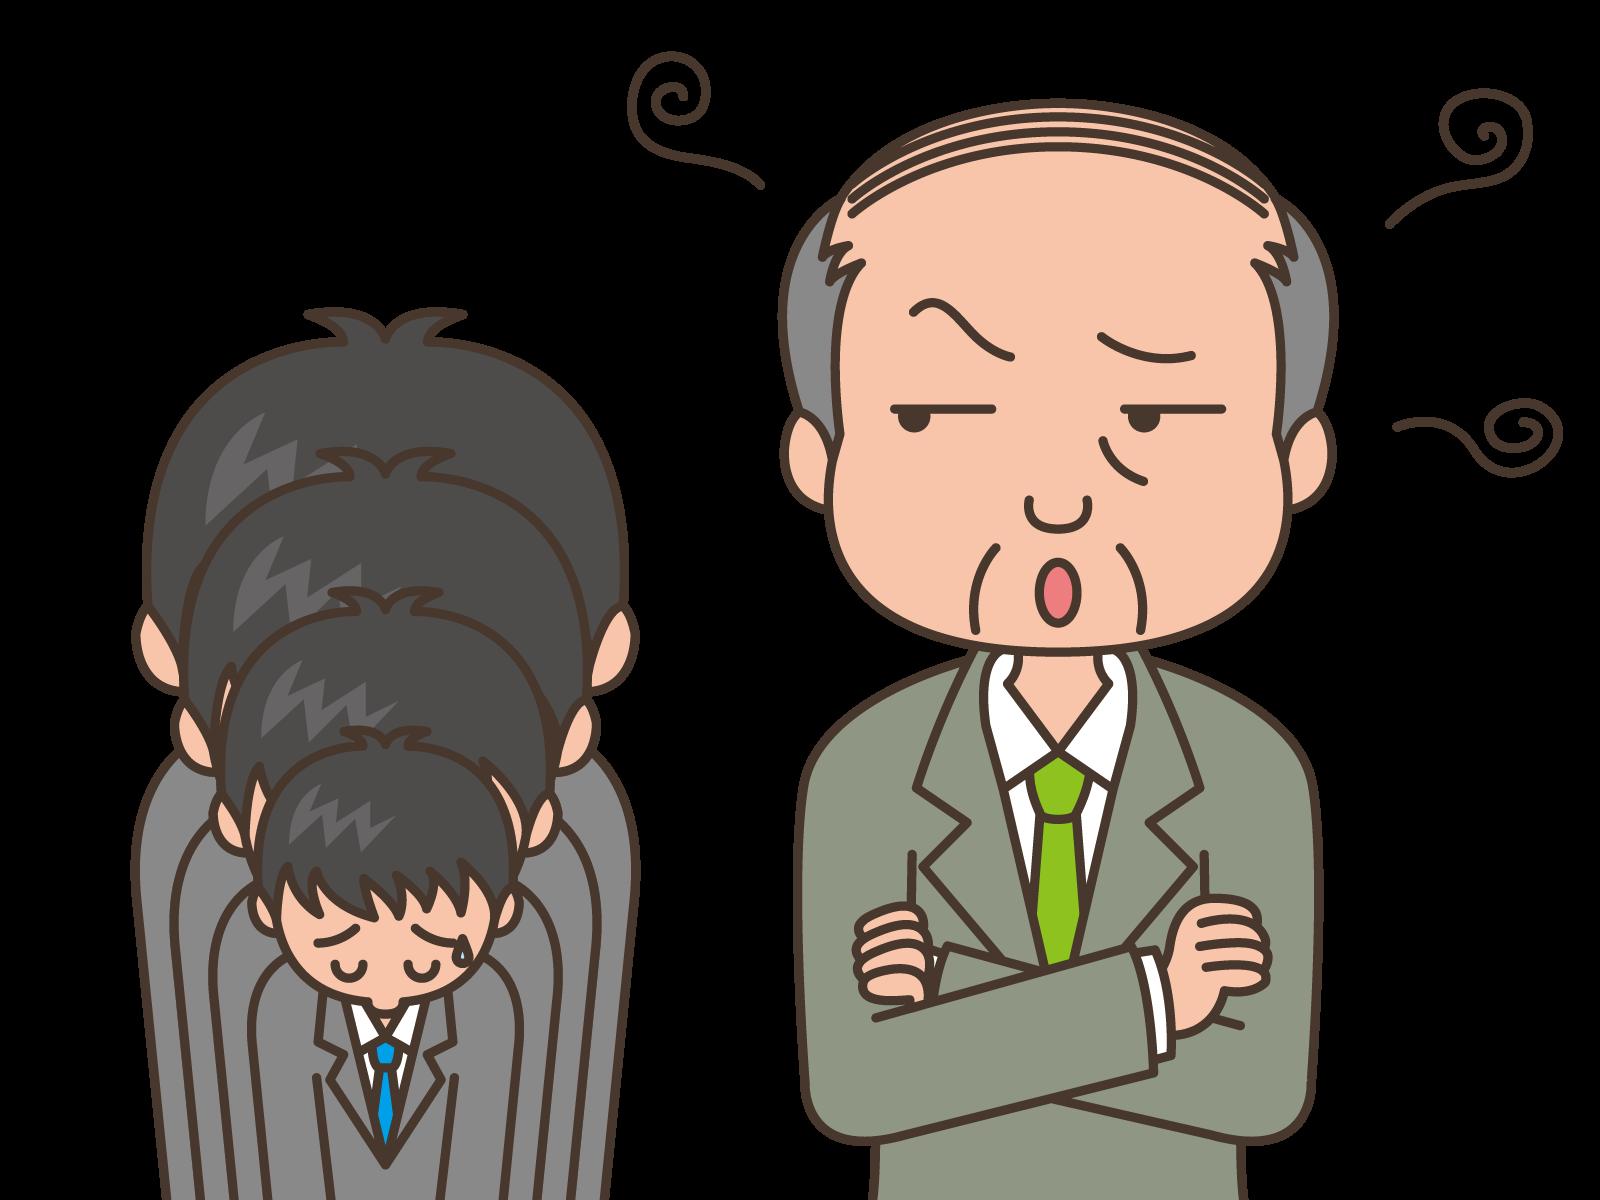 【オノマトペ】ネチネチの意味と例文